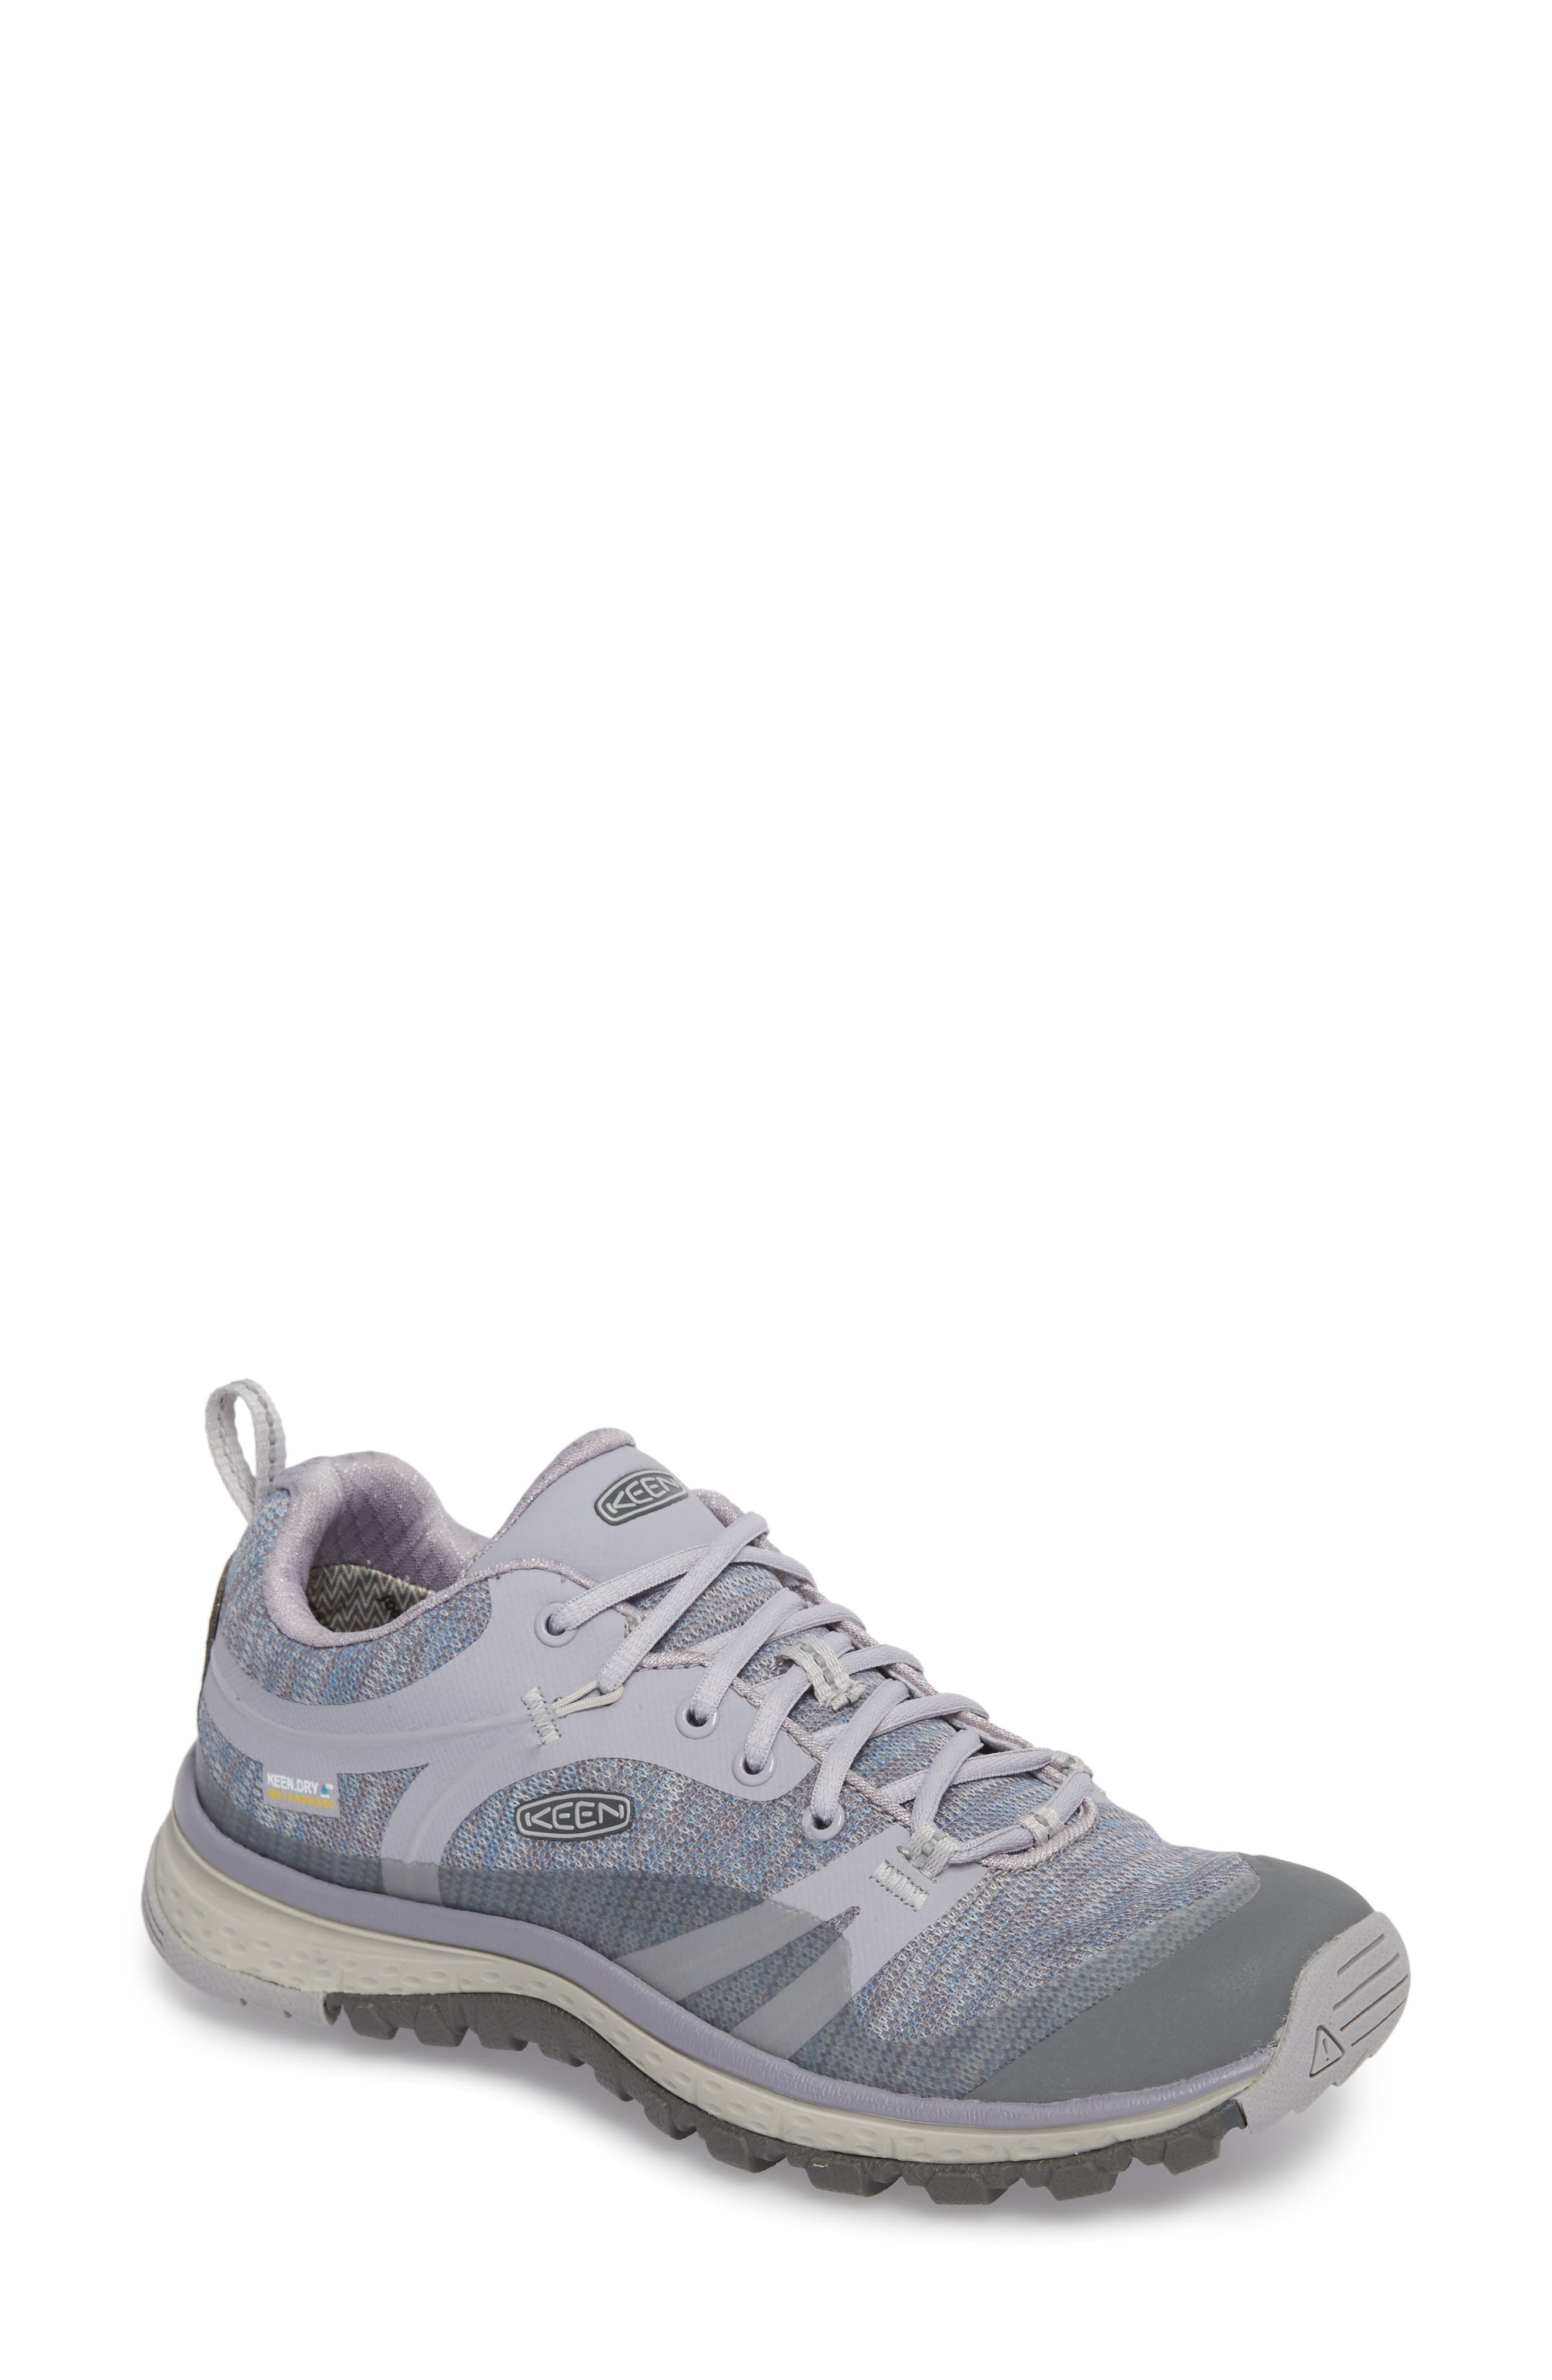 Keen Terradora Waterproof Hiking Shoe (Women)